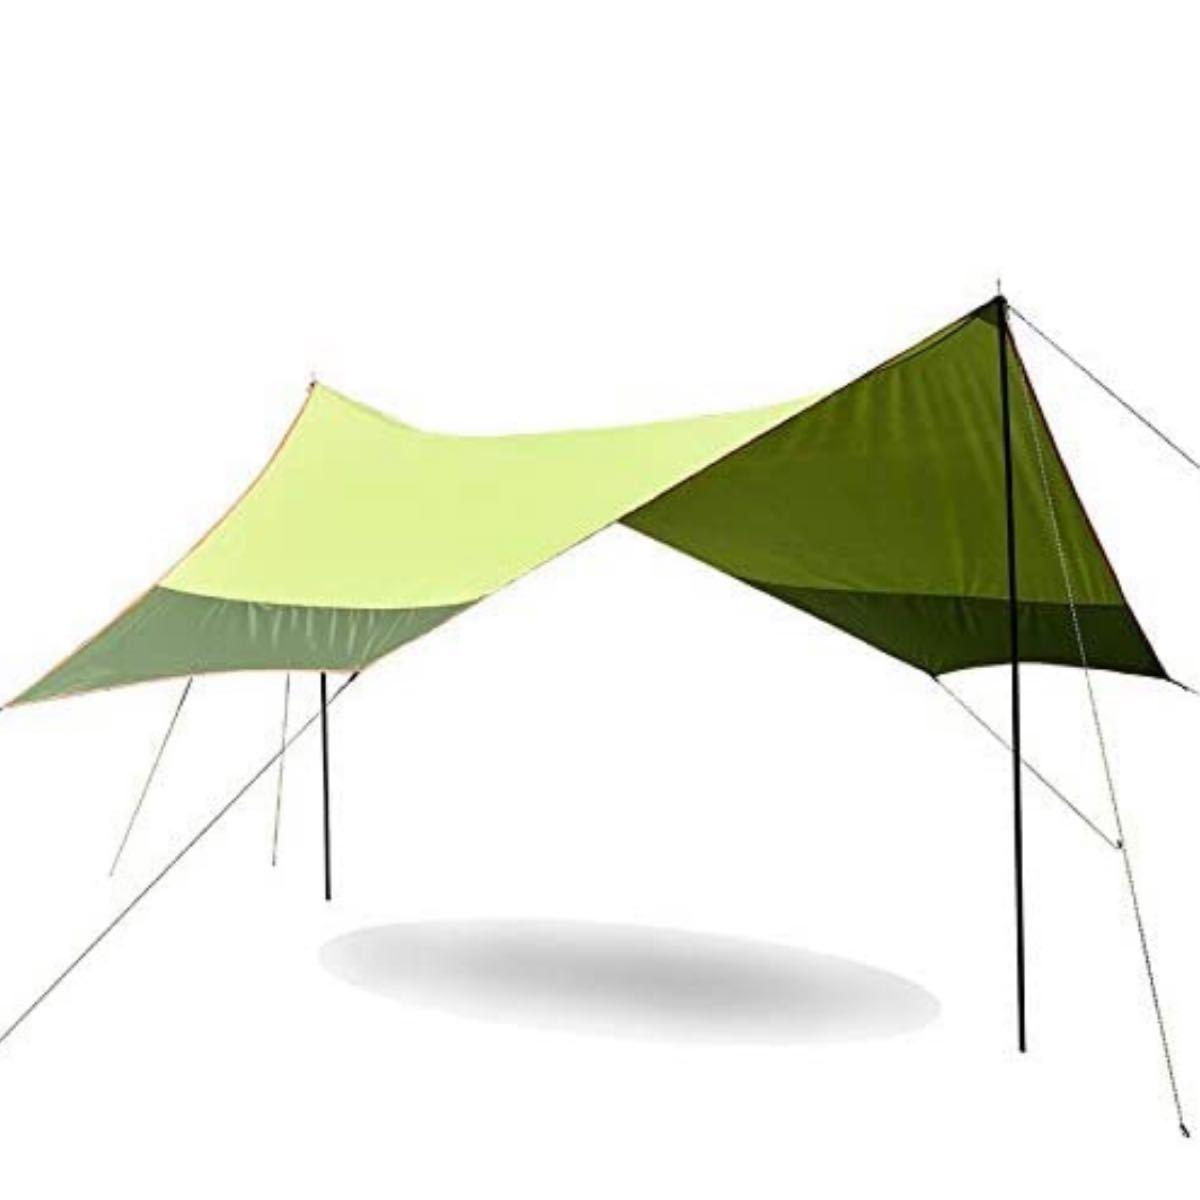 タープ テント 防水タープ